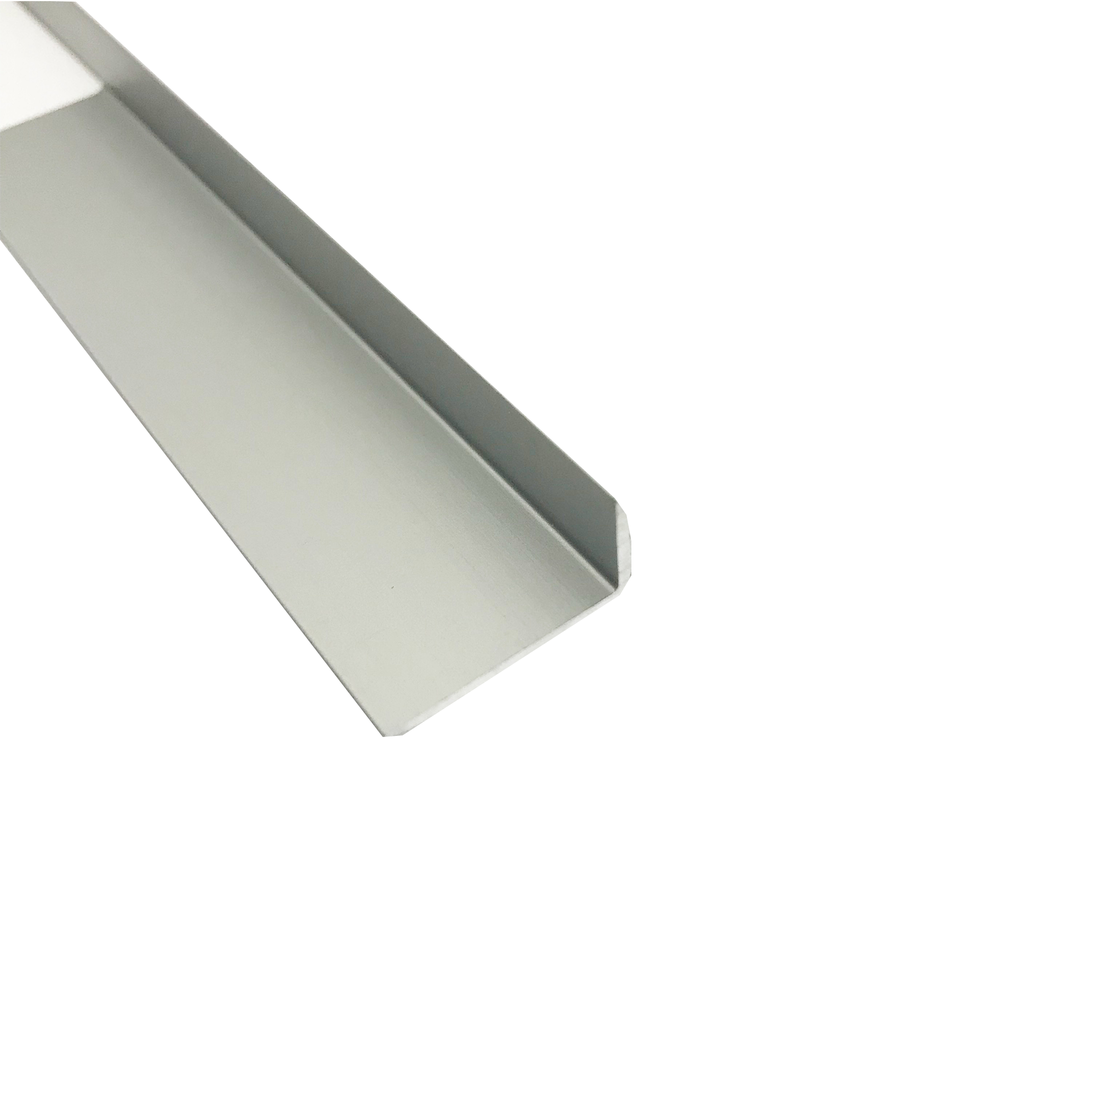 【铝合金】小直角护角修边线